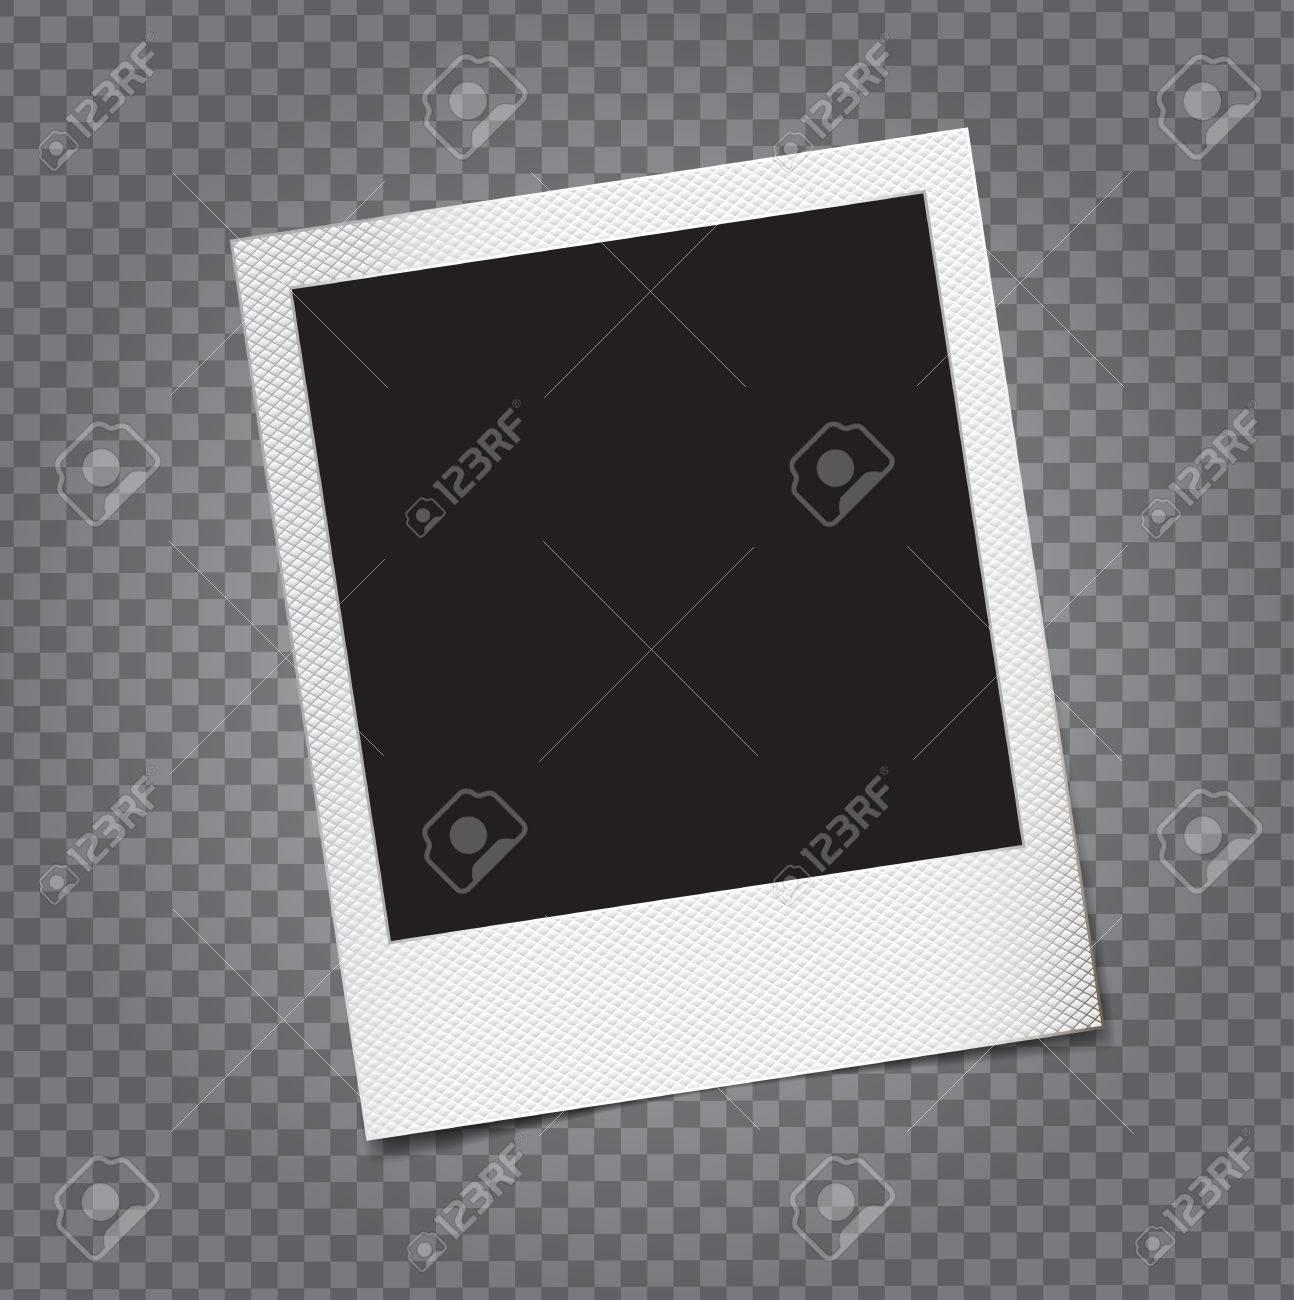 Hermosa Papel Fotográfico Marcos De 4x6 Molde - Ideas Personalizadas ...